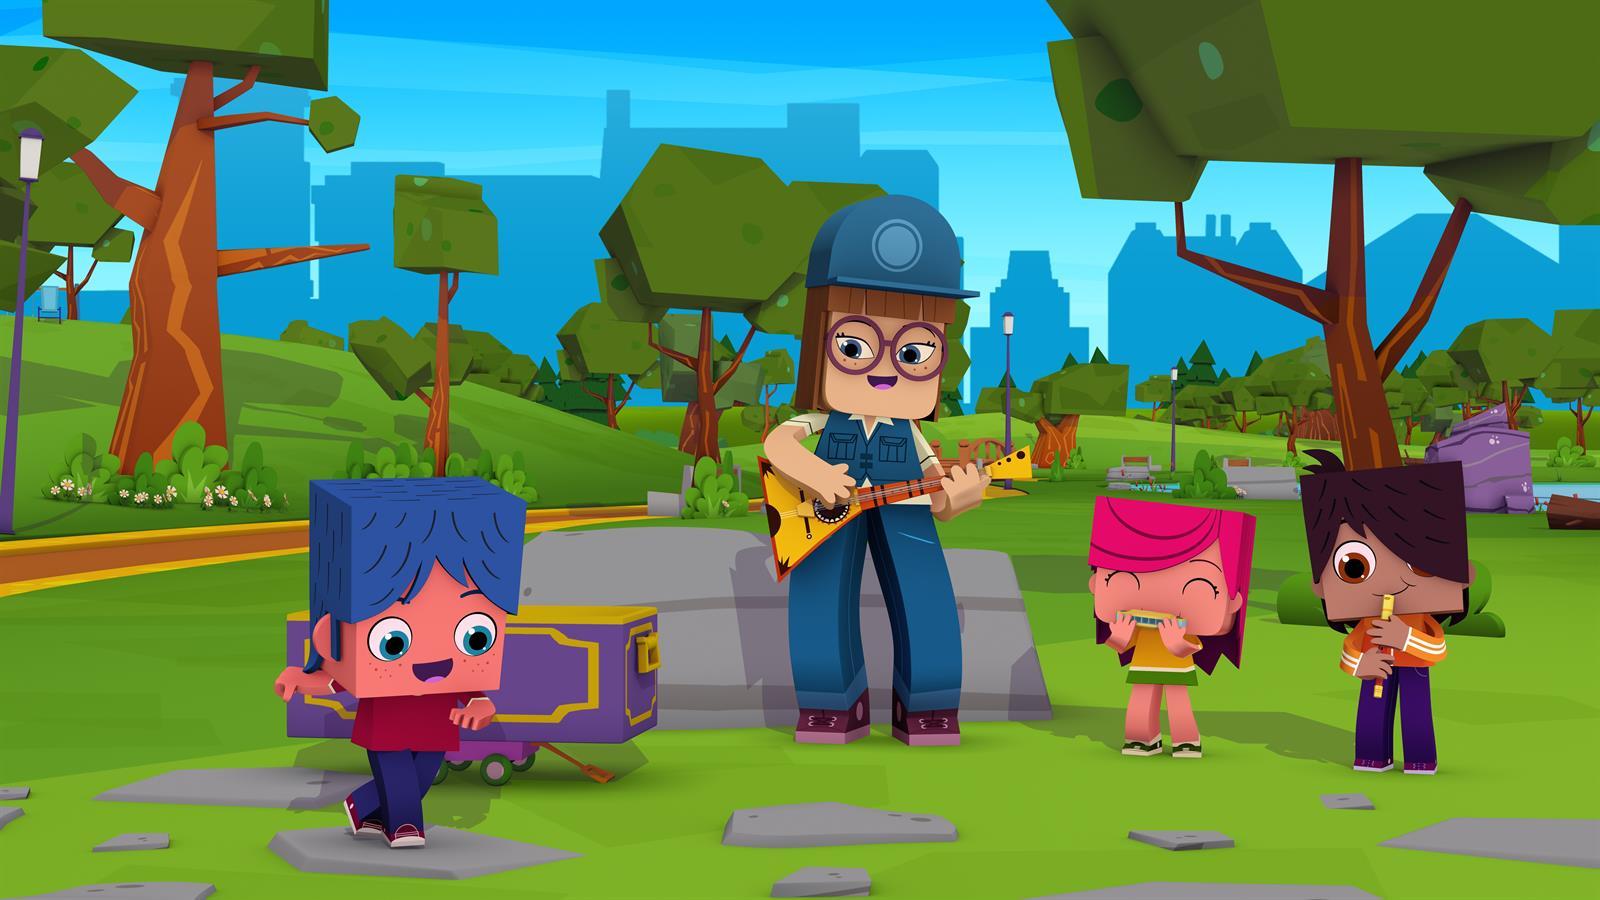 A screenshot from Yoko